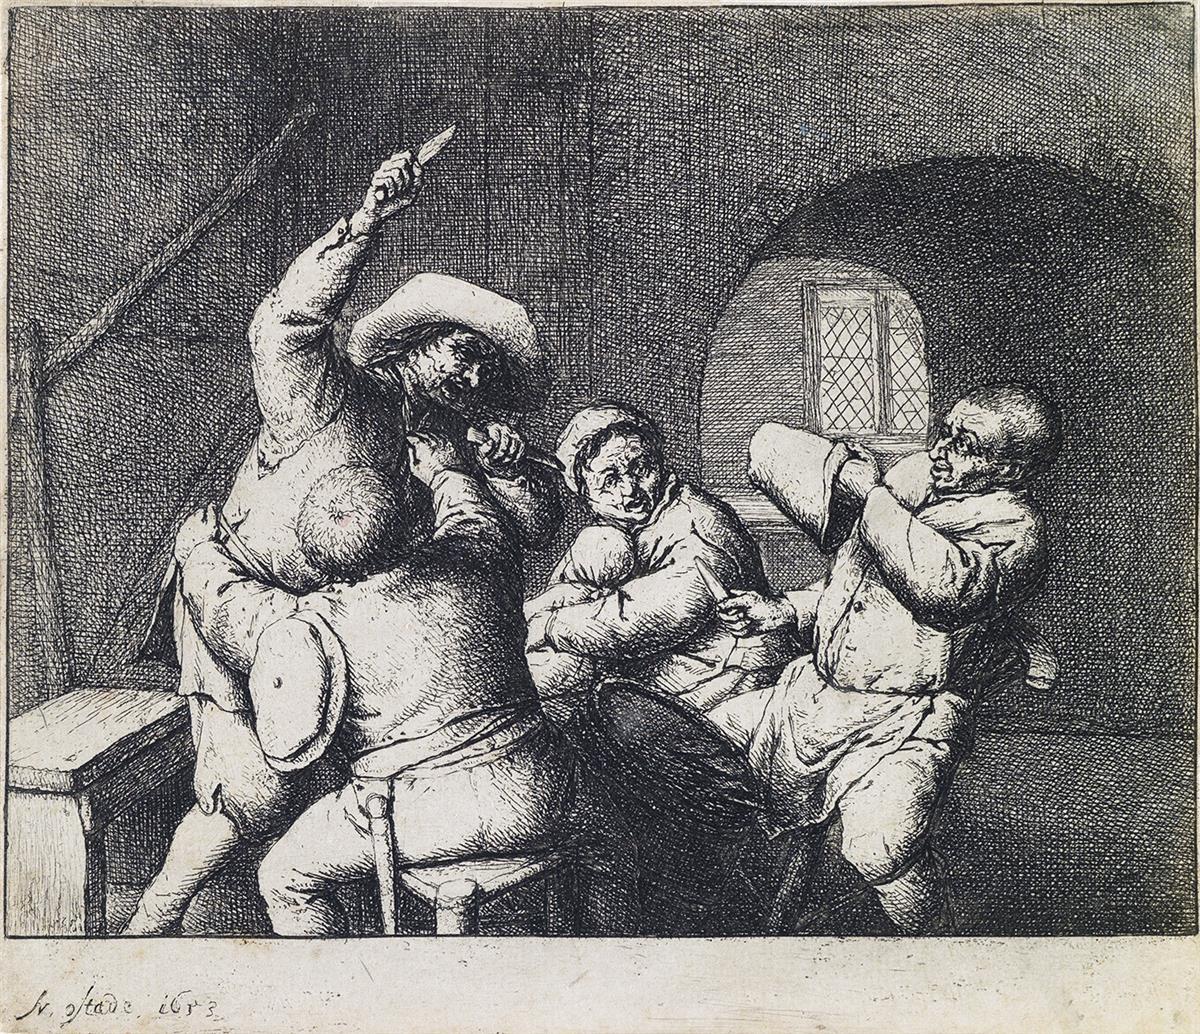 ADRIAEN-VAN-OSTADE-The-Peasants-Quarrel